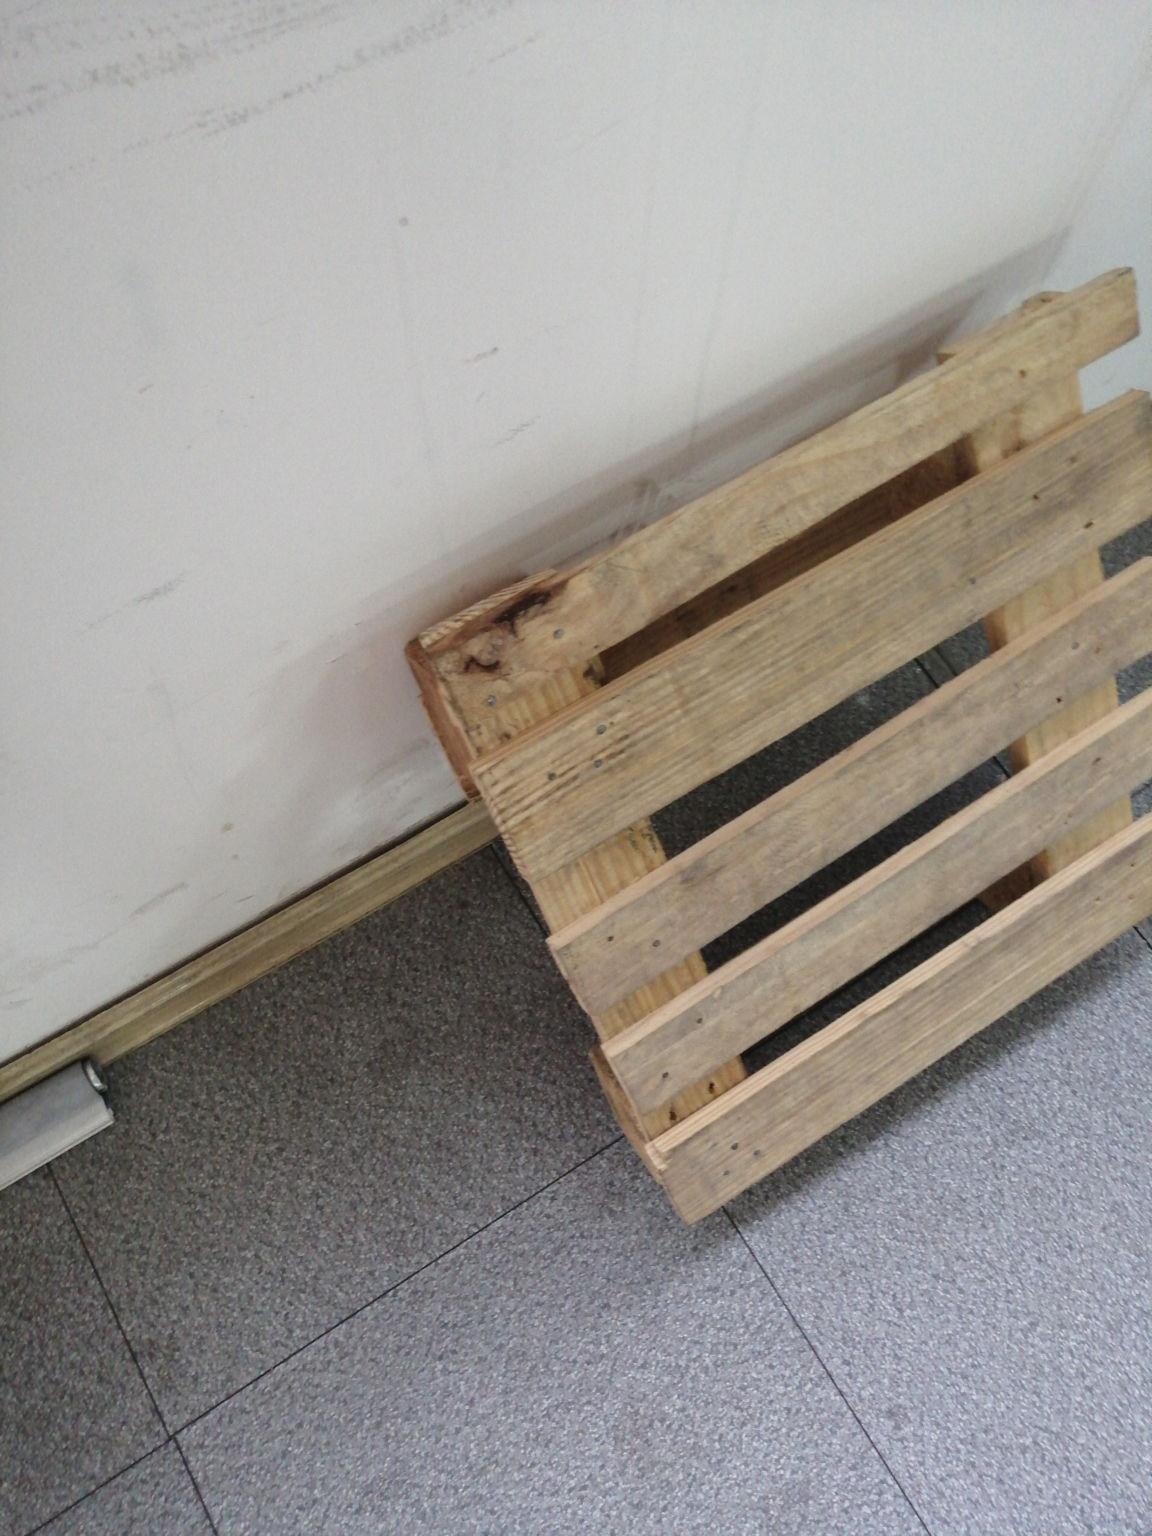 苏州定做免熏蒸木托盘价�,≏♀░┄ℑ - 批发厂家